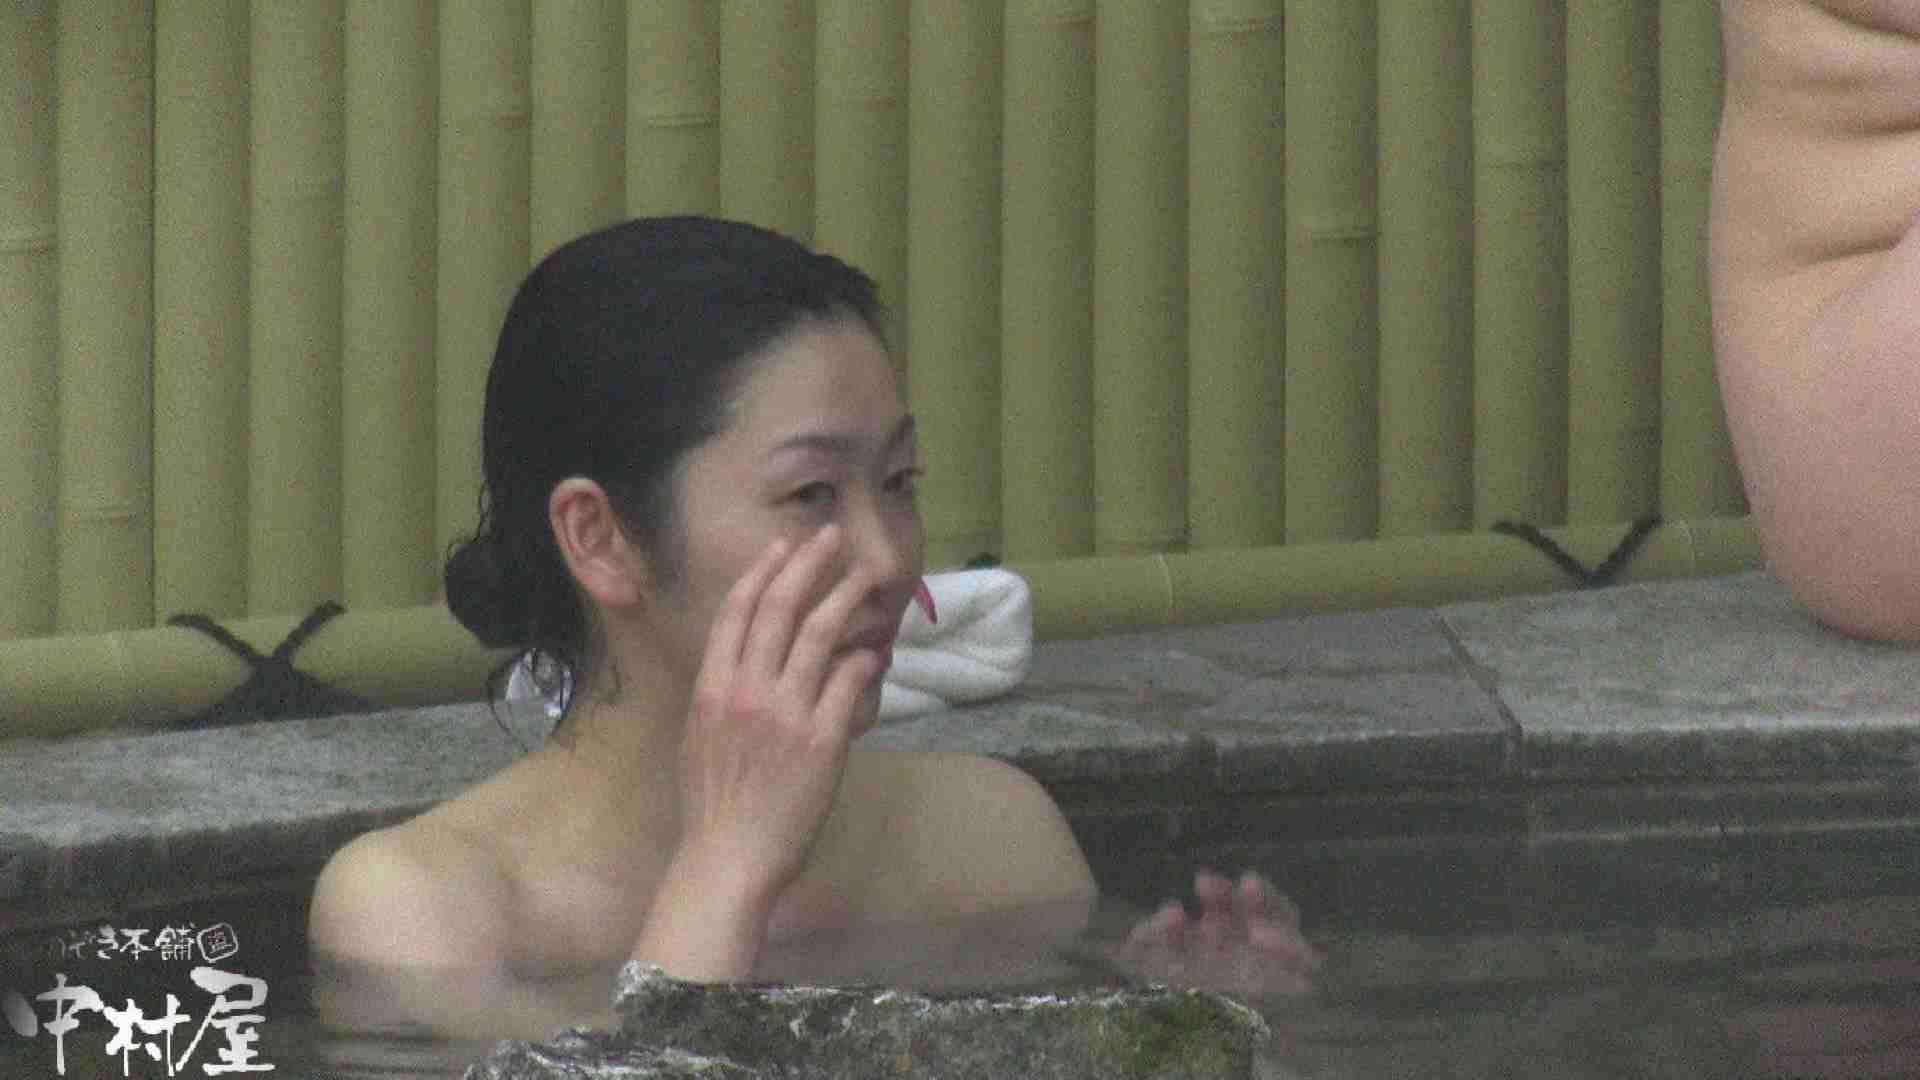 Aquaな露天風呂Vol.917 盗撮シリーズ  108PIX 52